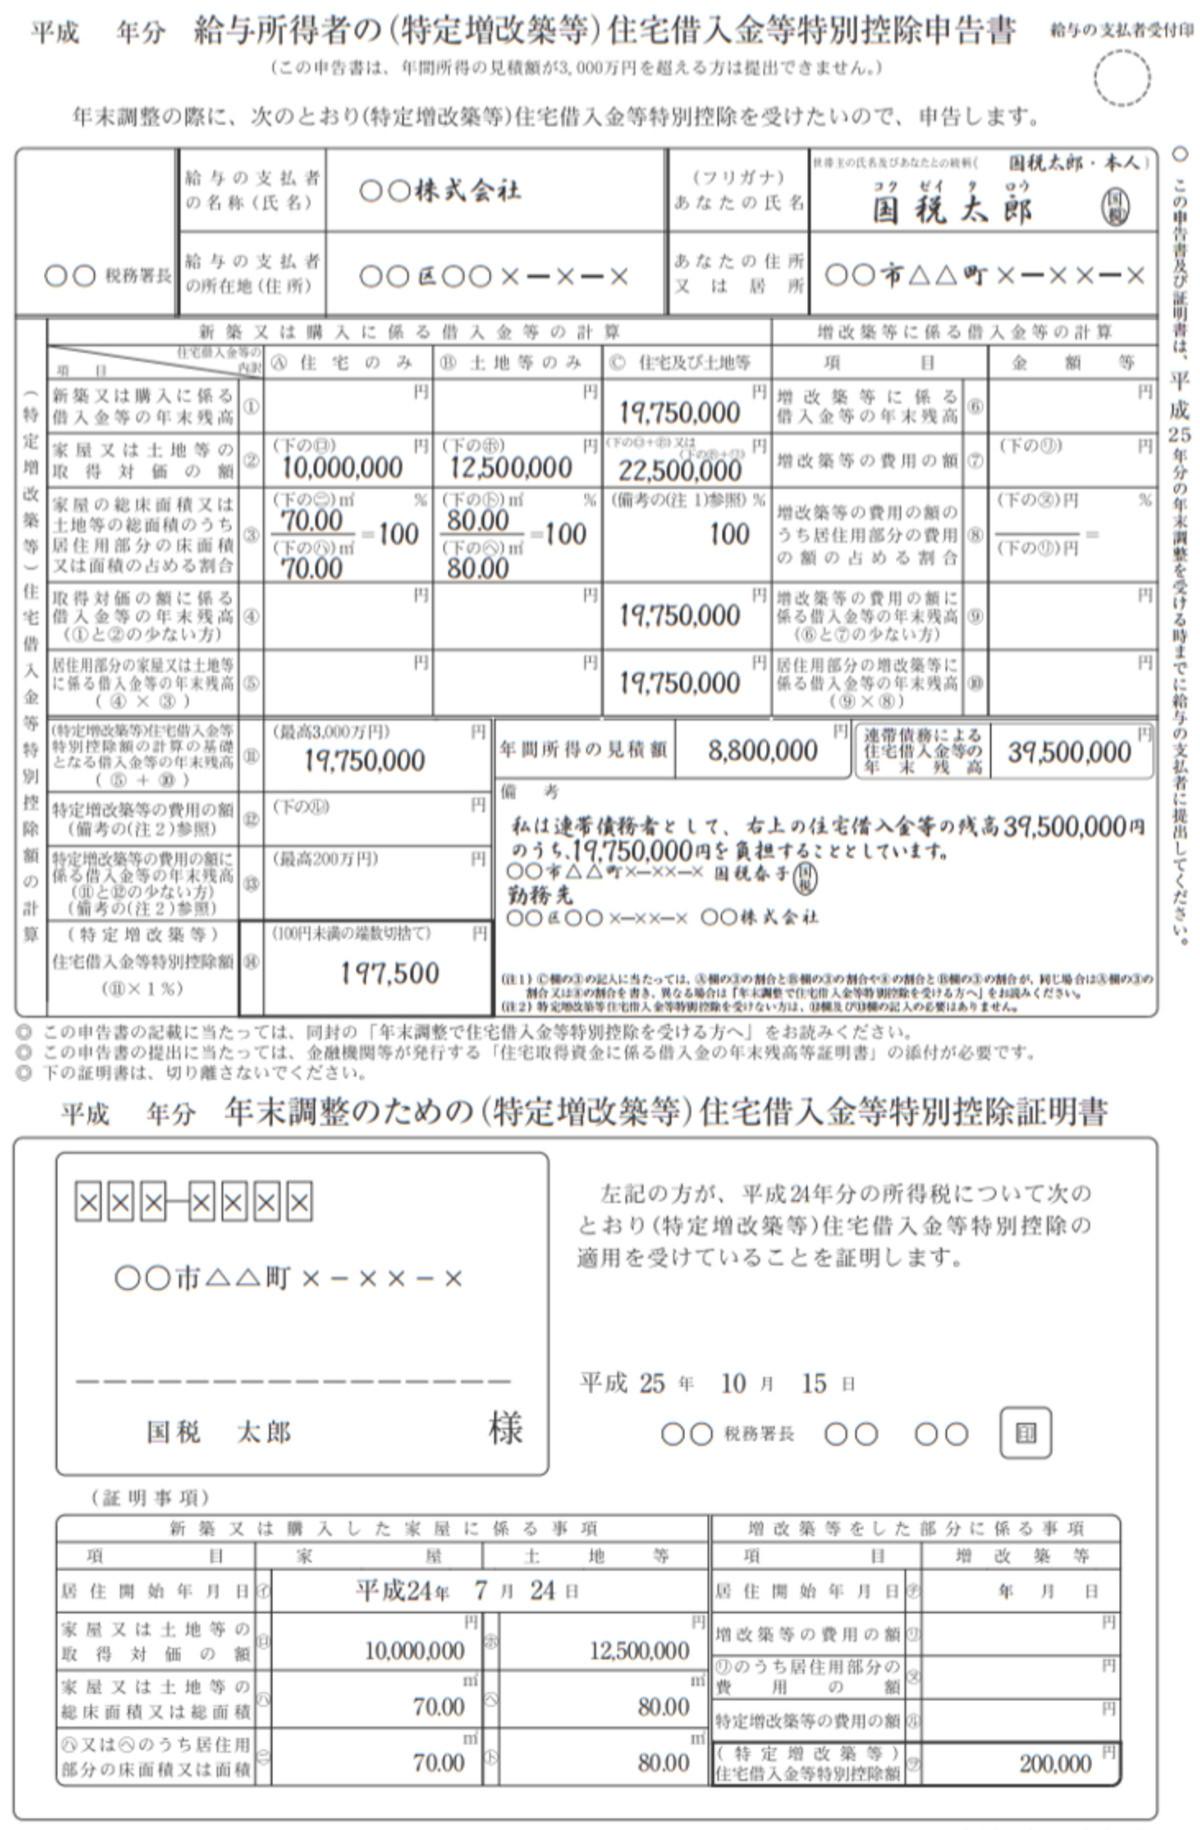 給与所得者の(特定増改築等)住宅借入金等特別控除申告書(編集部にて作成)